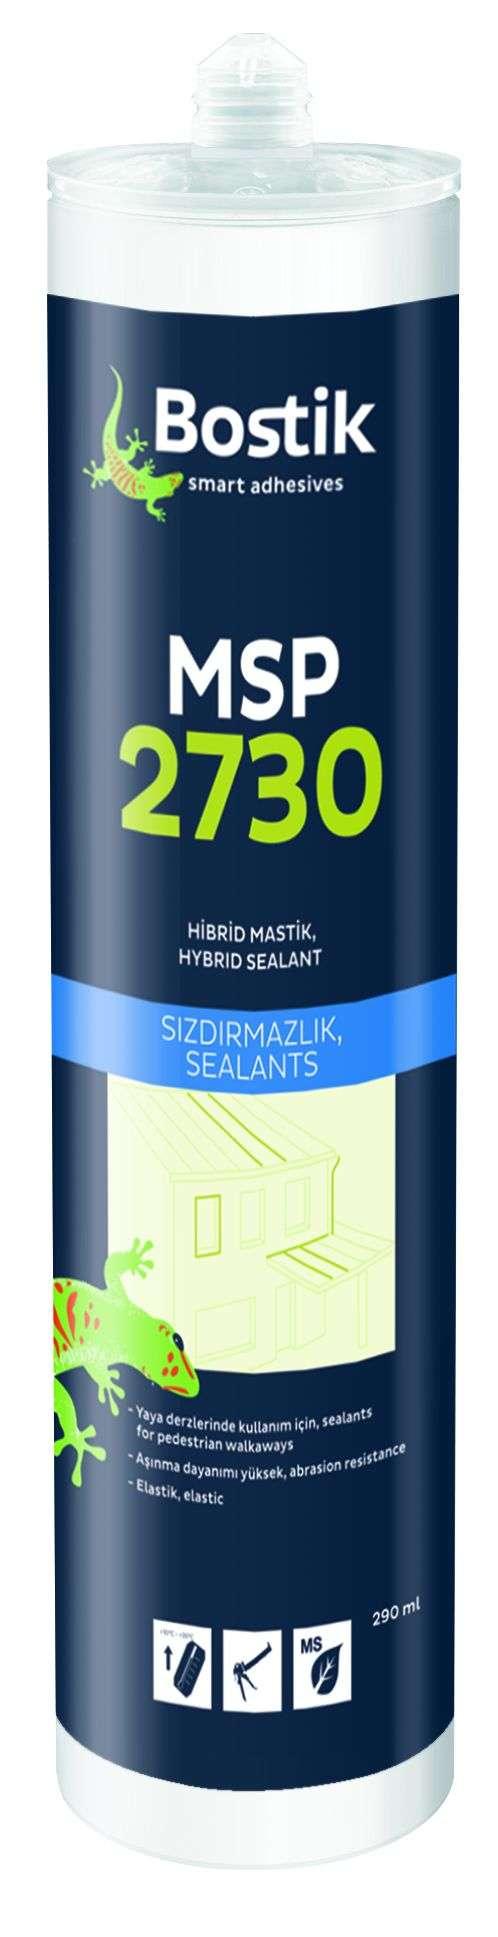 Bostik MSP 2730